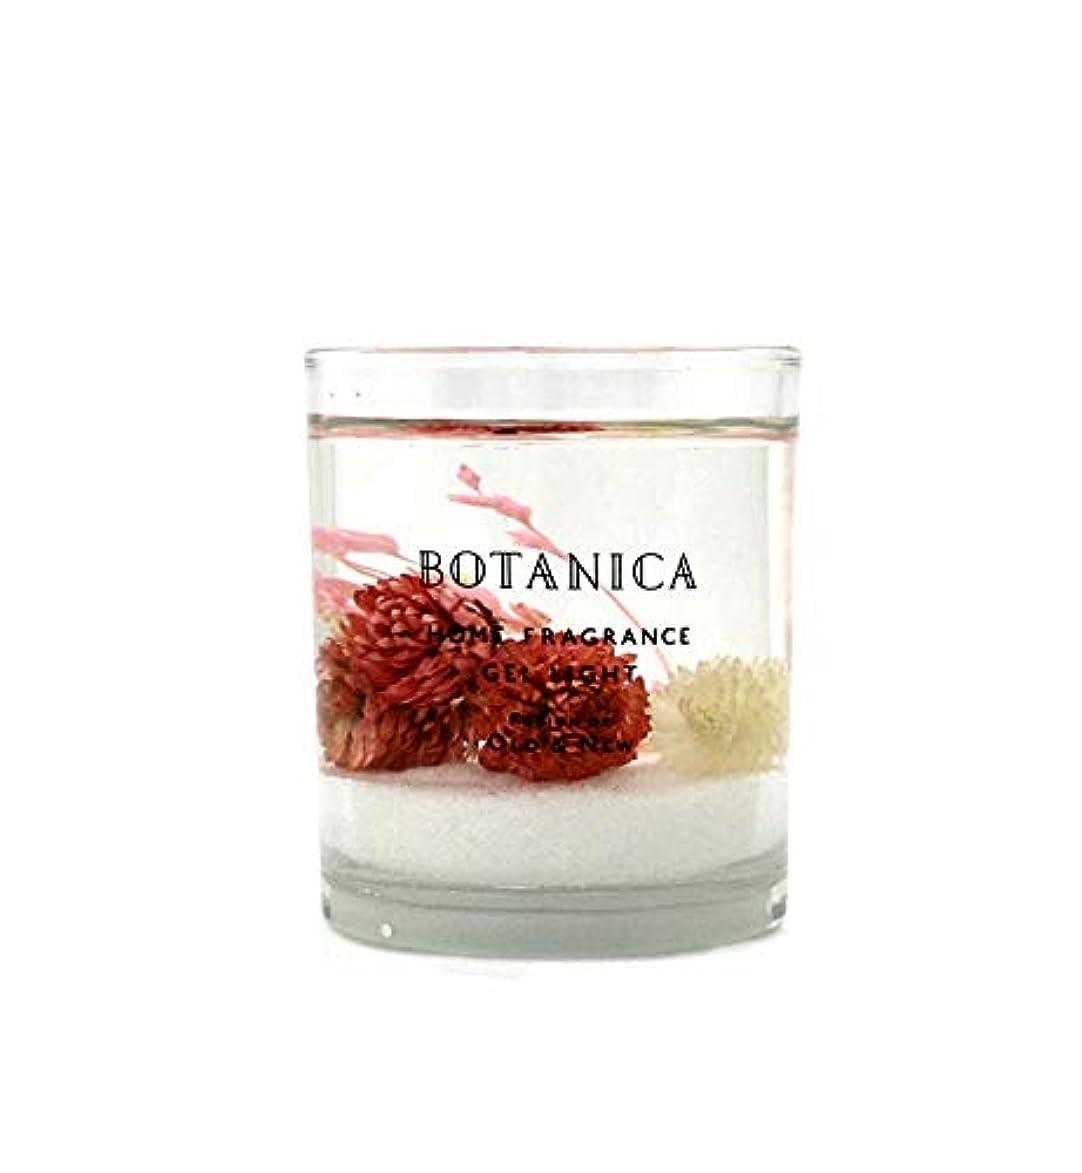 懲戒単位幽霊BOTANICA(ボタニカ) BOTANICA ハーバリウムジェルライト プリムフラワー Herbarium Gel Light Primm Flower ボタニカ H75×Φ60mm/90g